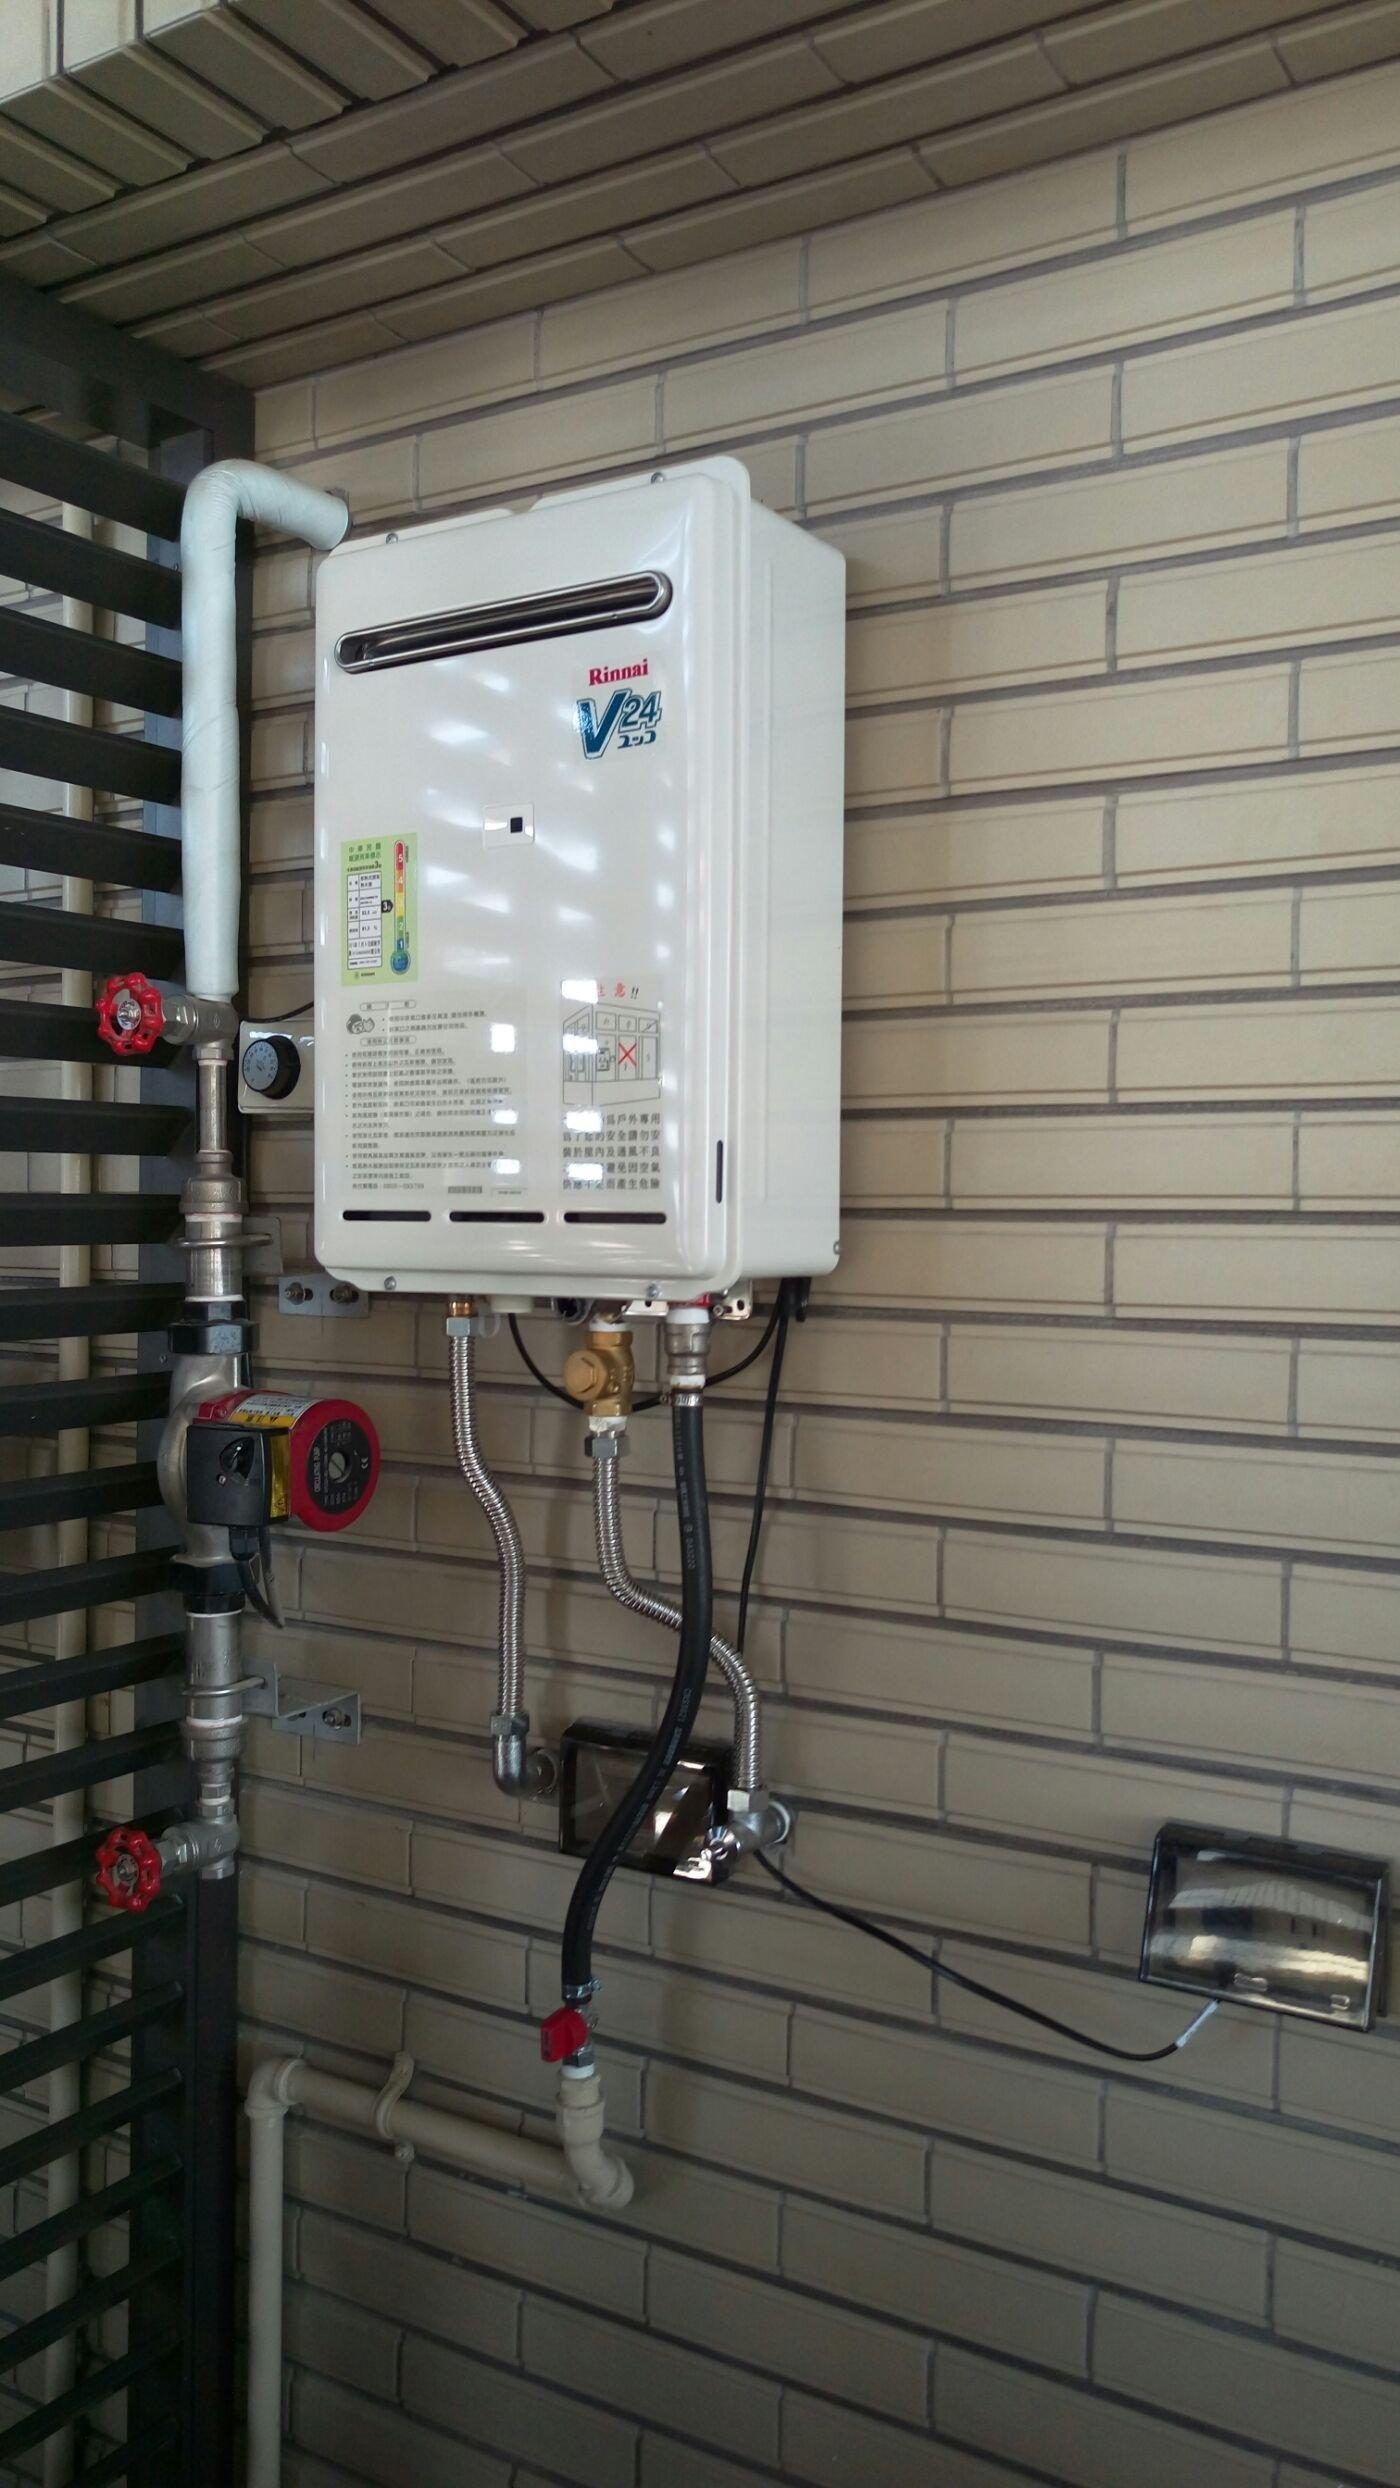 高雄台南《J工坊》林內 24公升REU-V2406W-TR屋外強制排氣恆溫熱水器 技術士證照 三年